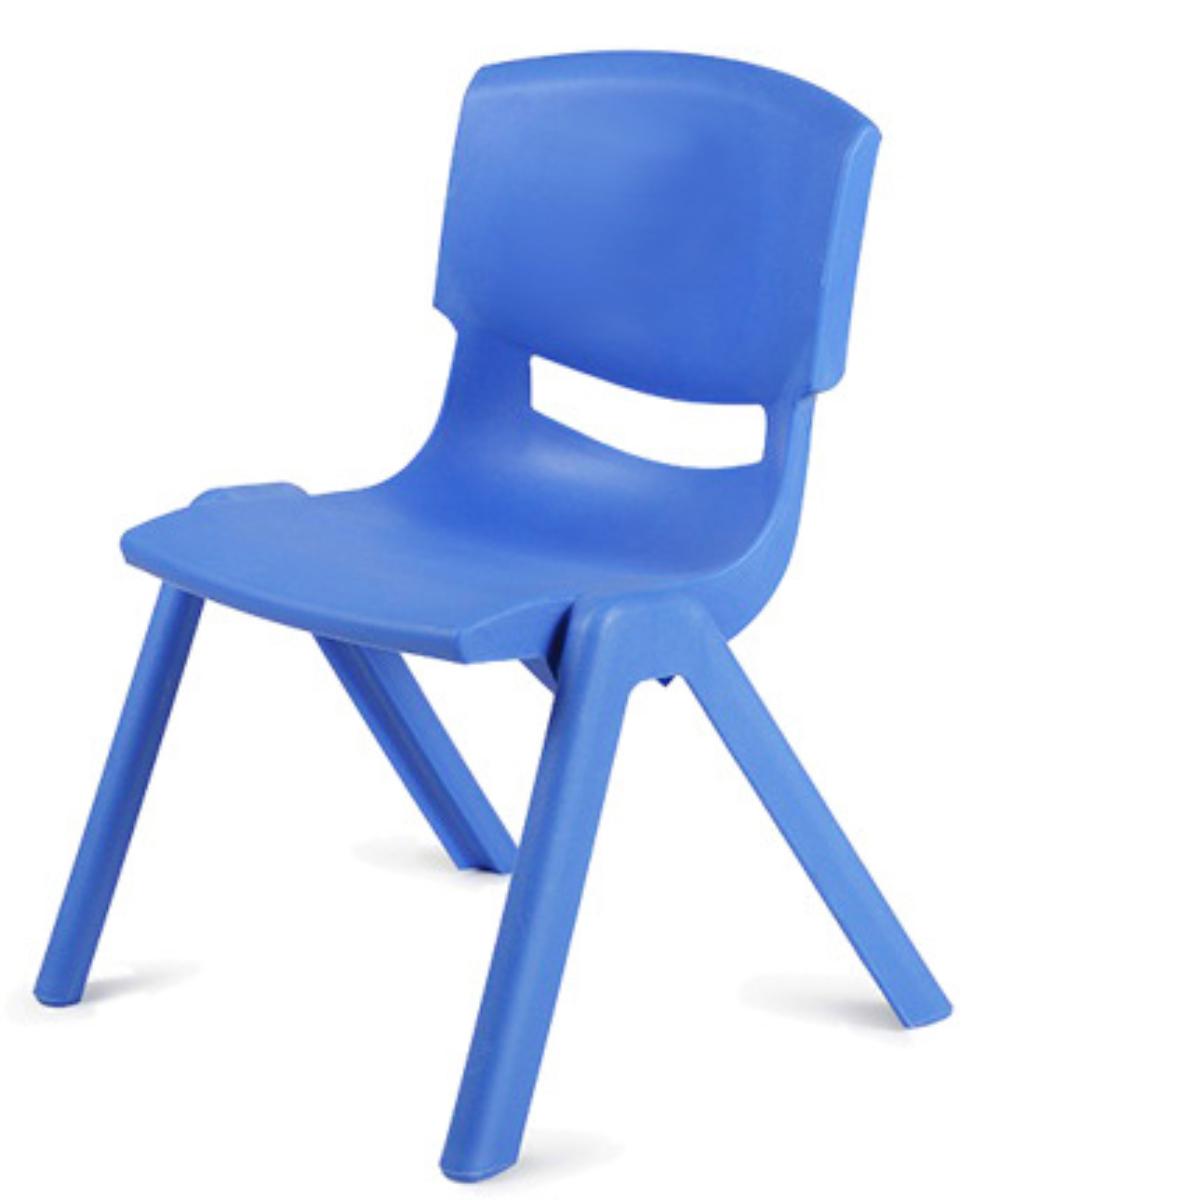 כיסא תלמיד גובה 45 ס